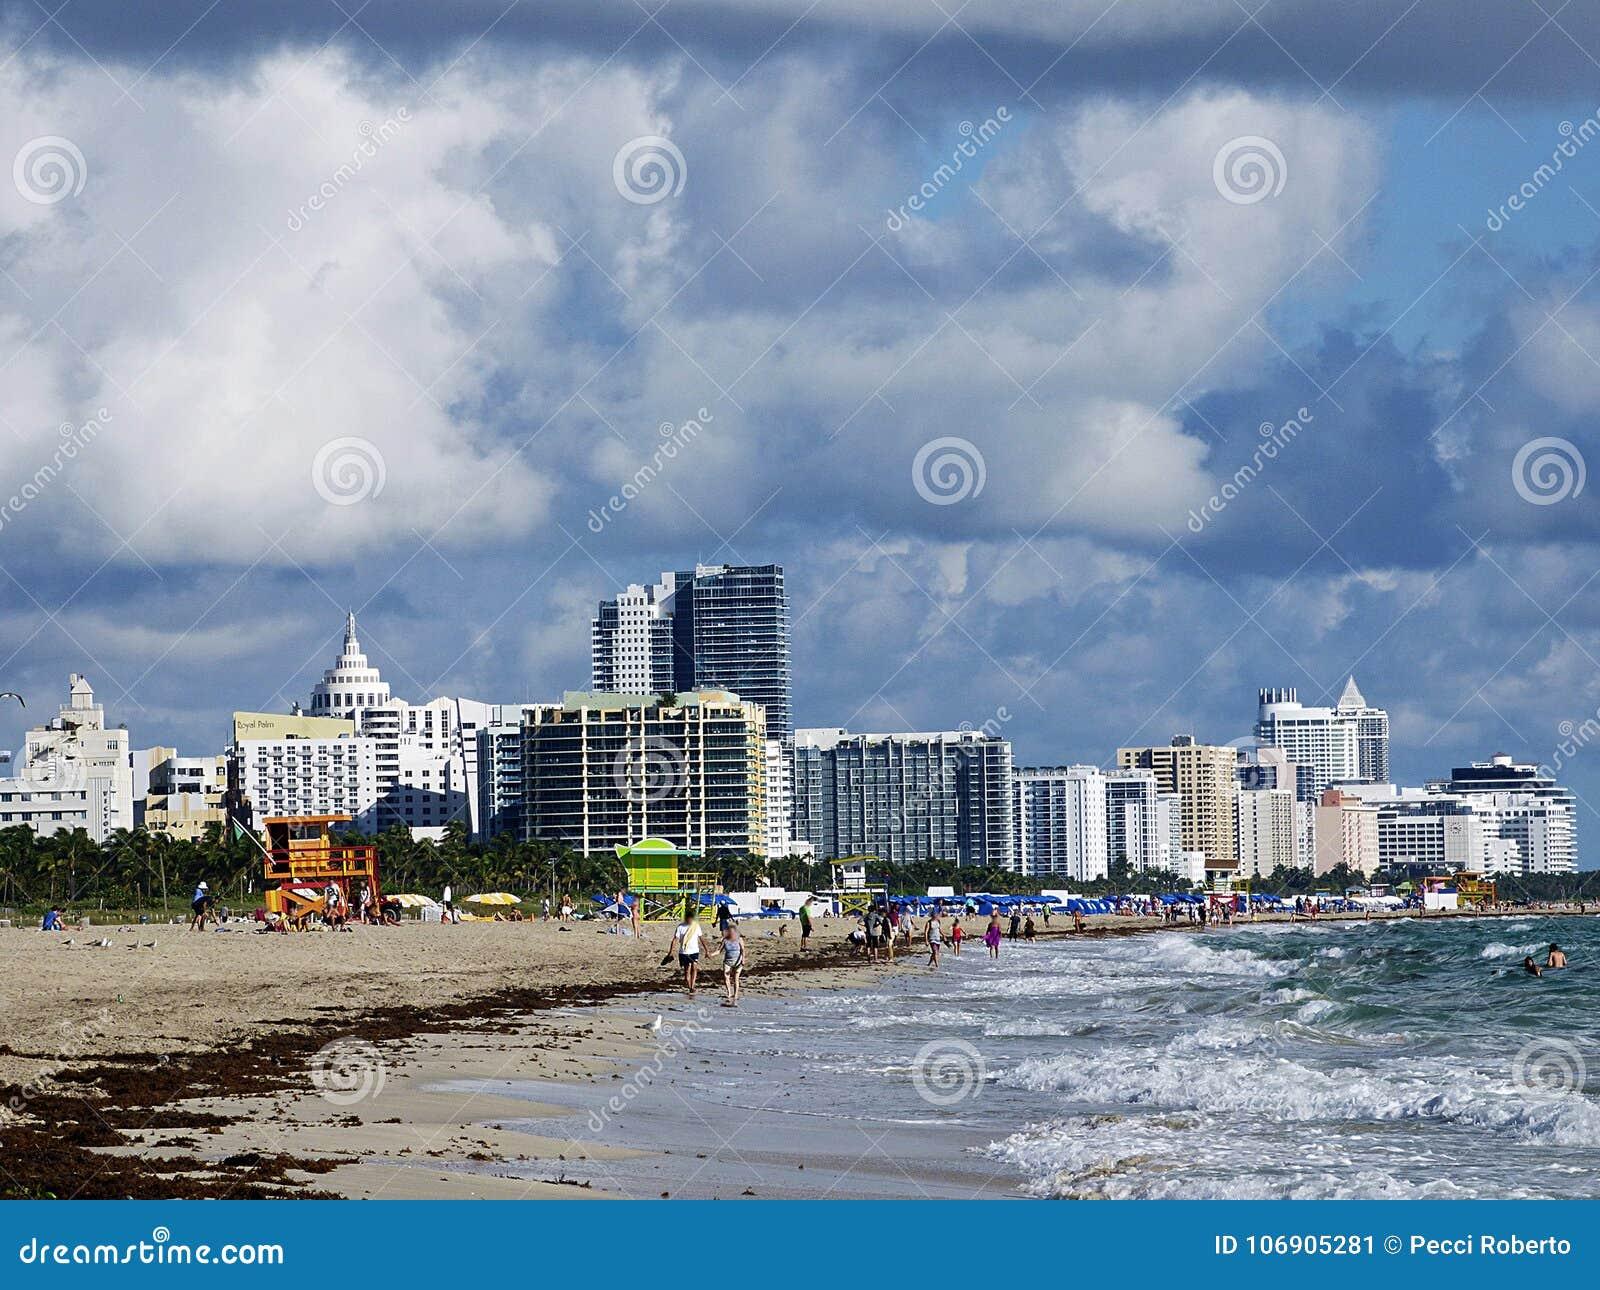 Floryda Miami plaża, widok zatłoczona plaża